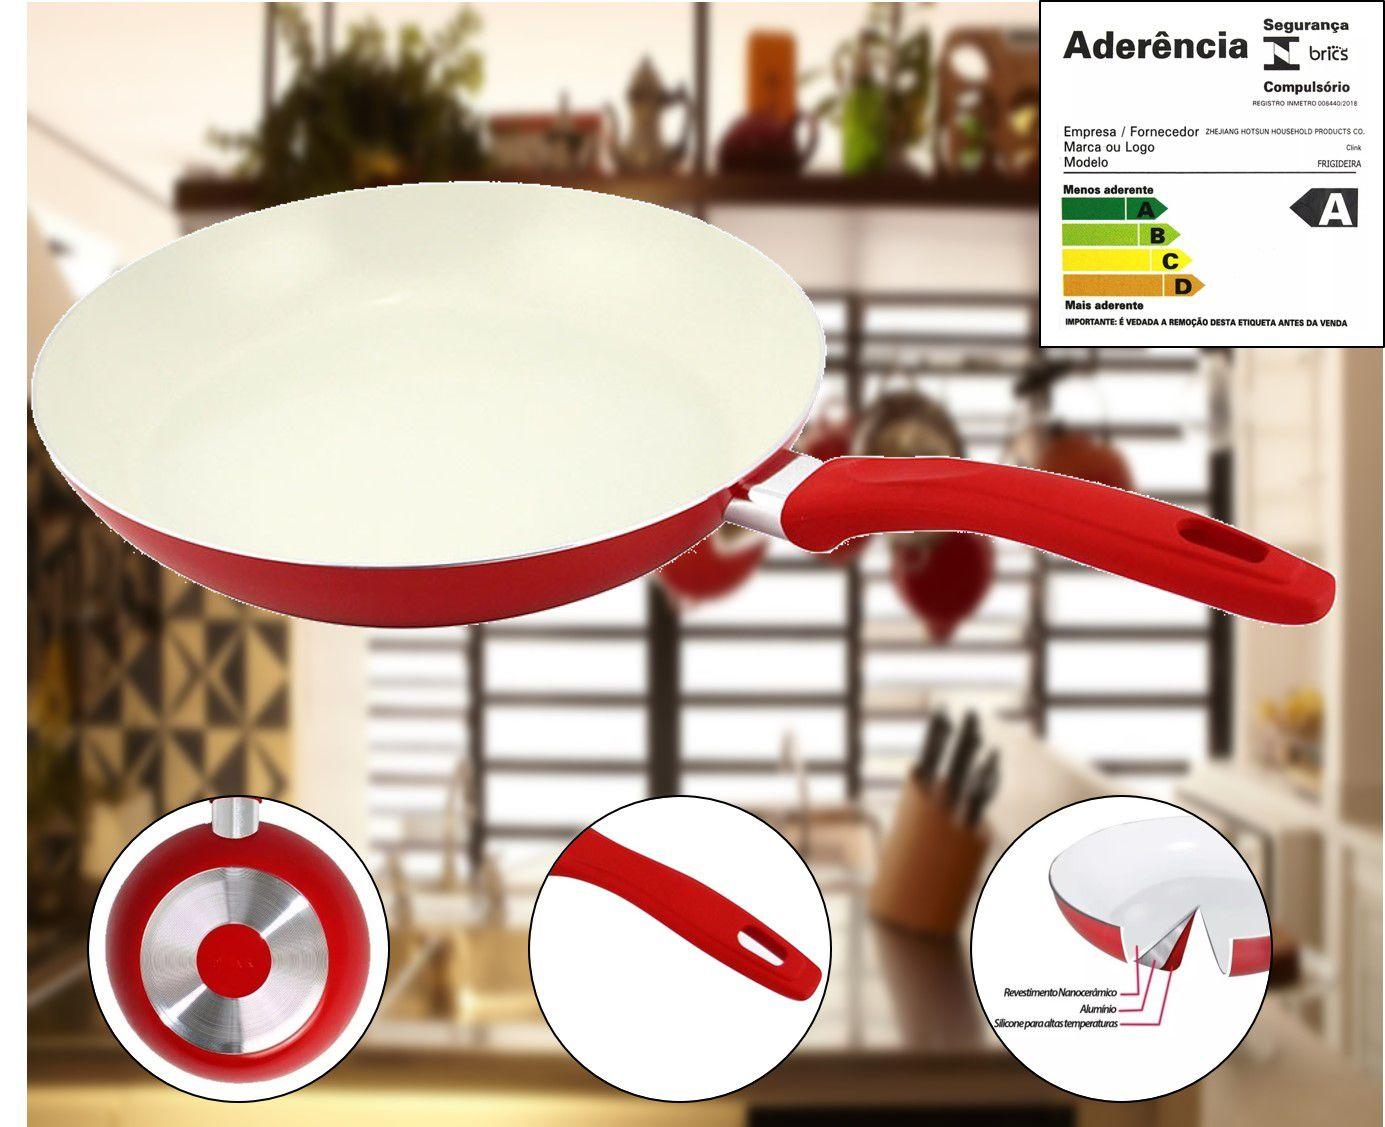 Frigideira de Aluminio revestida em Cerâmica 28CM - Série Cozinha Saudável - Vermelha